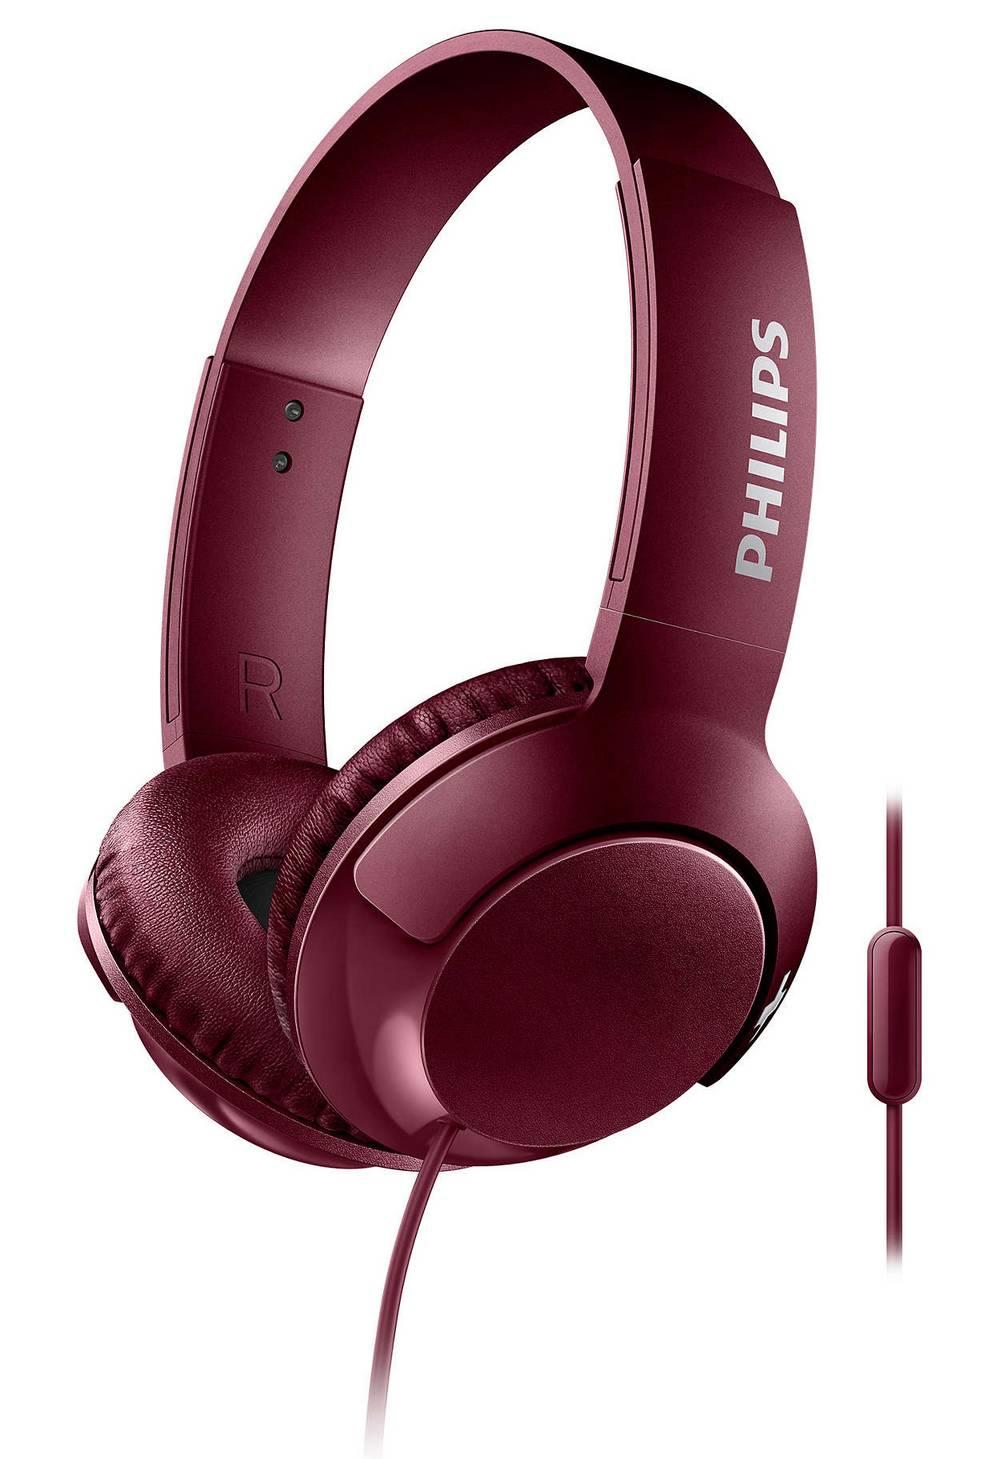 Ακουστικά Stereo με Μικρόφωνο Philips BASS+ SHL3075RD/00 3.5 mm για Apple-Samsung-Sony-Huawei-LG Κόκκινο